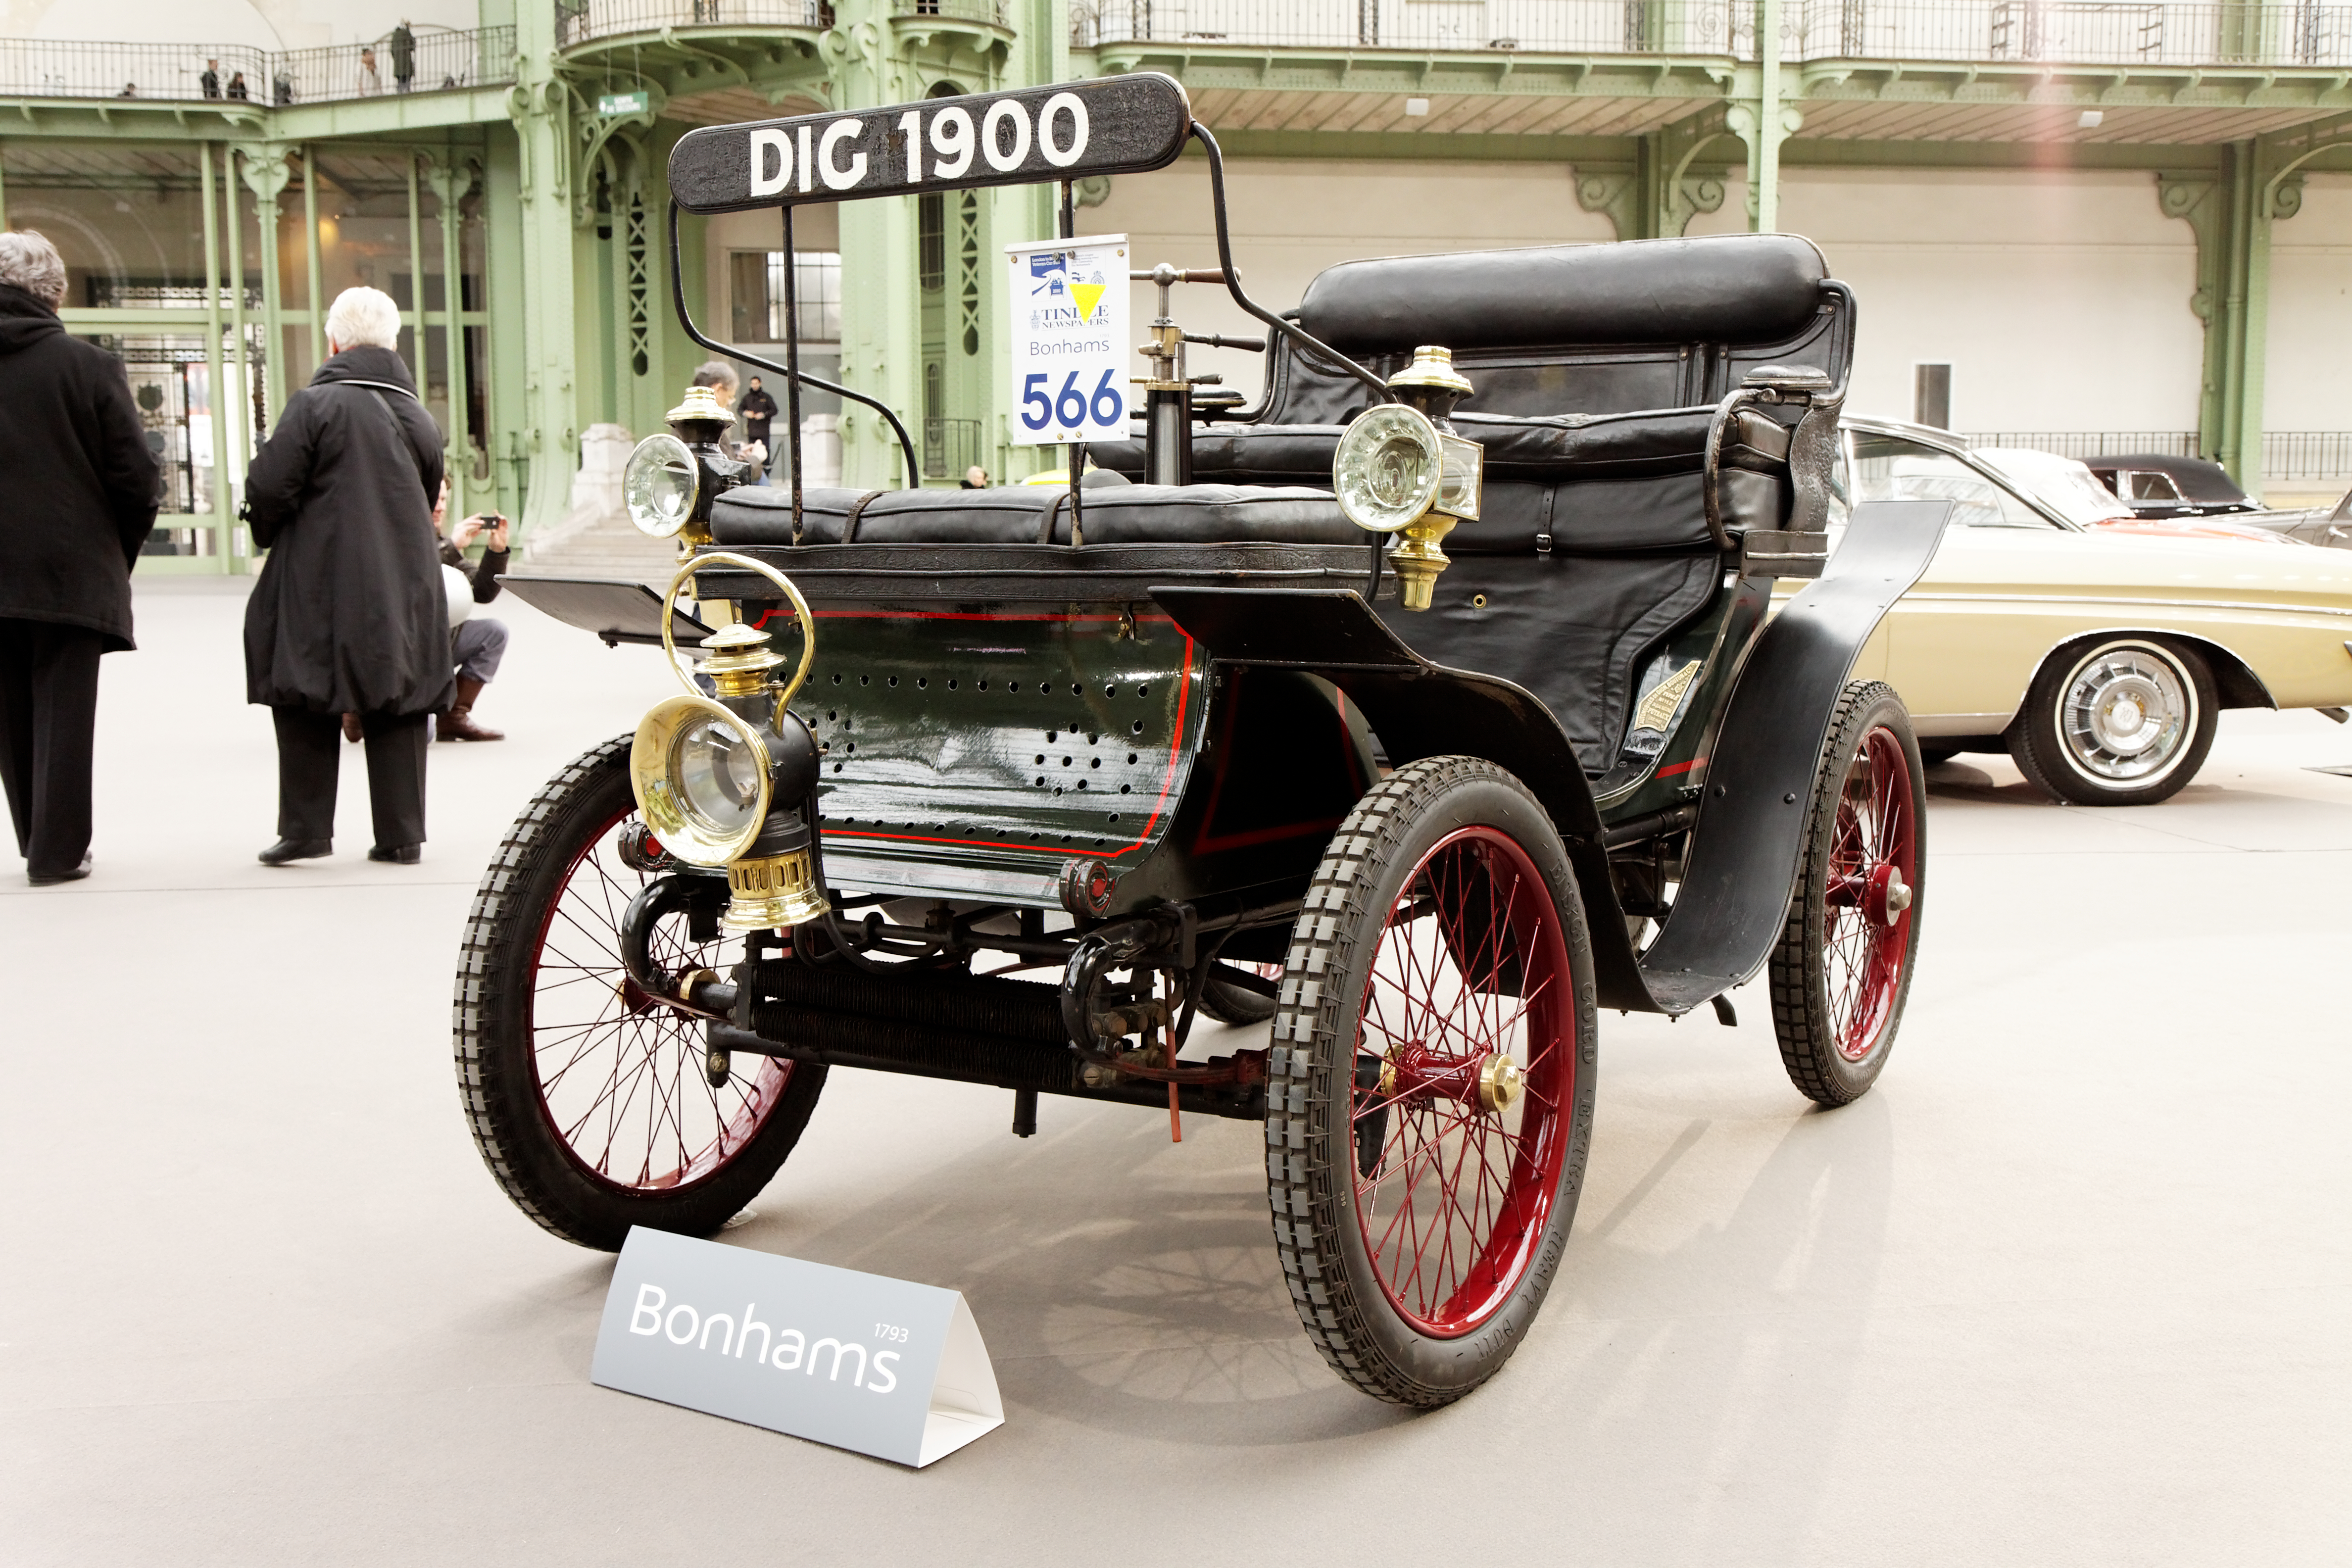 file 110 ans de l 39 automobile au grand palais de dion bouton type e 3 hp vis vis 1900. Black Bedroom Furniture Sets. Home Design Ideas